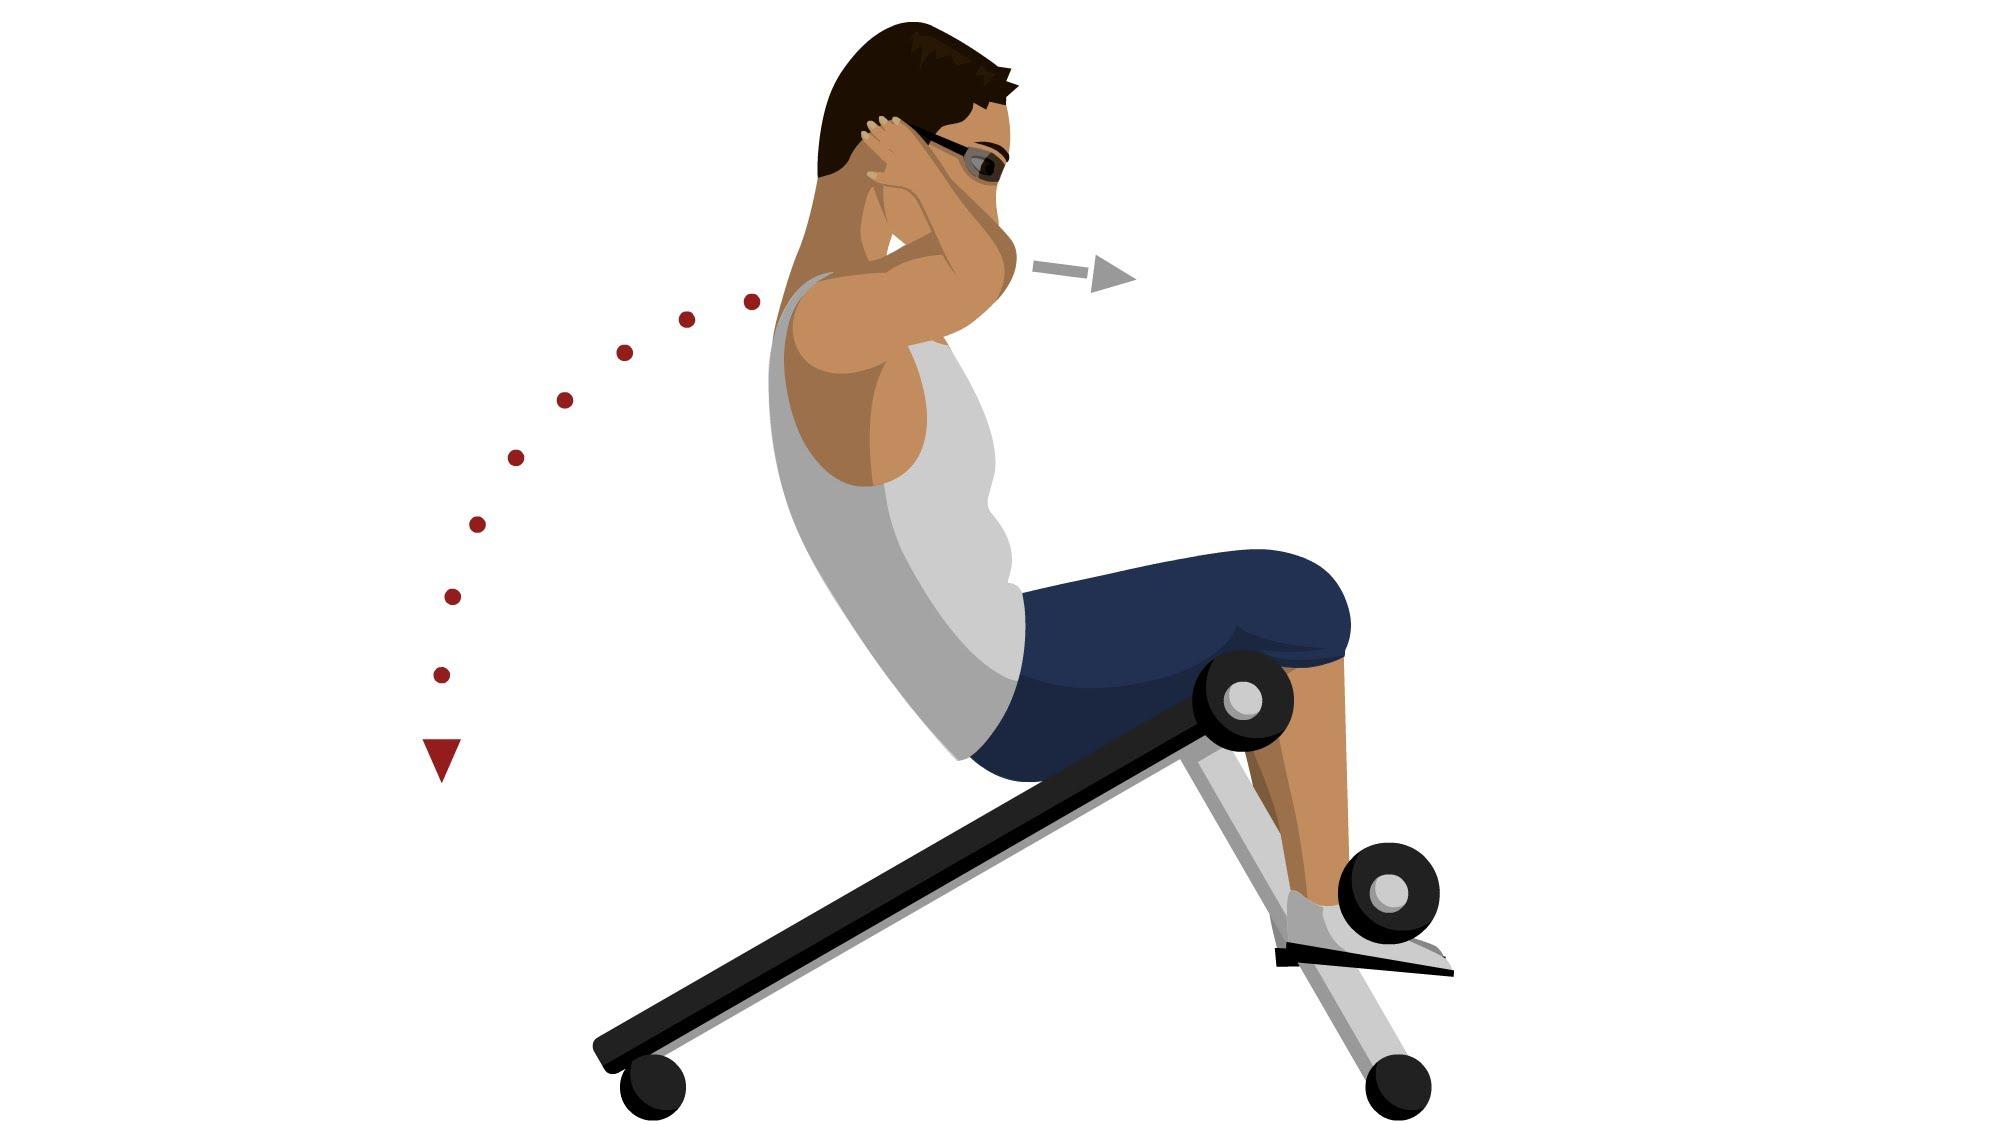 Cómo usar banco de ejercicios